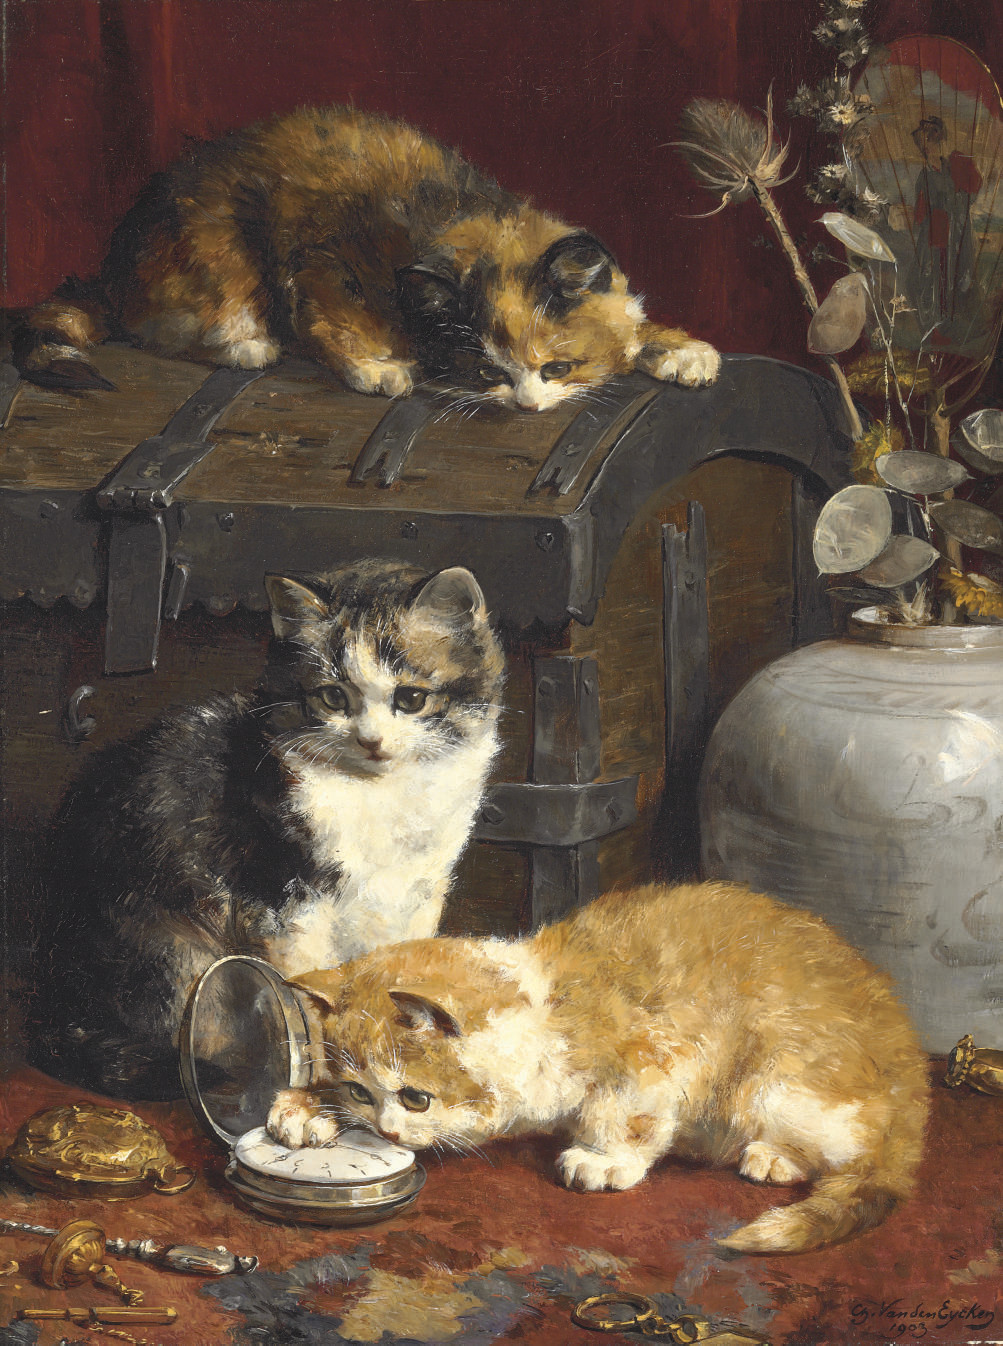 Charles H. van den Eycken (BEL